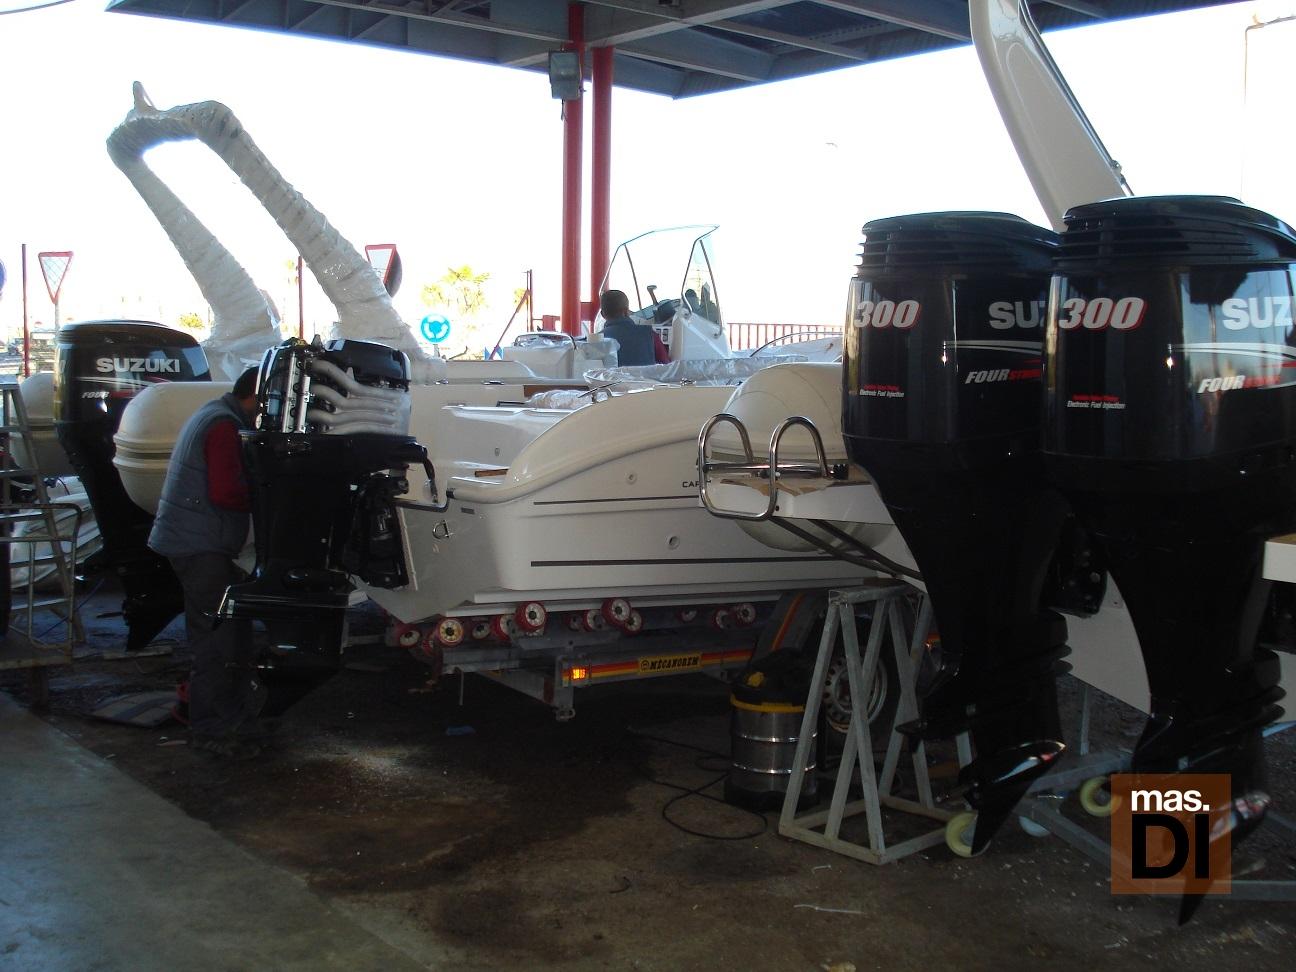 Al finalizar la temporada es necesario revisar, reparar y conservar el barco en buenas condiciones